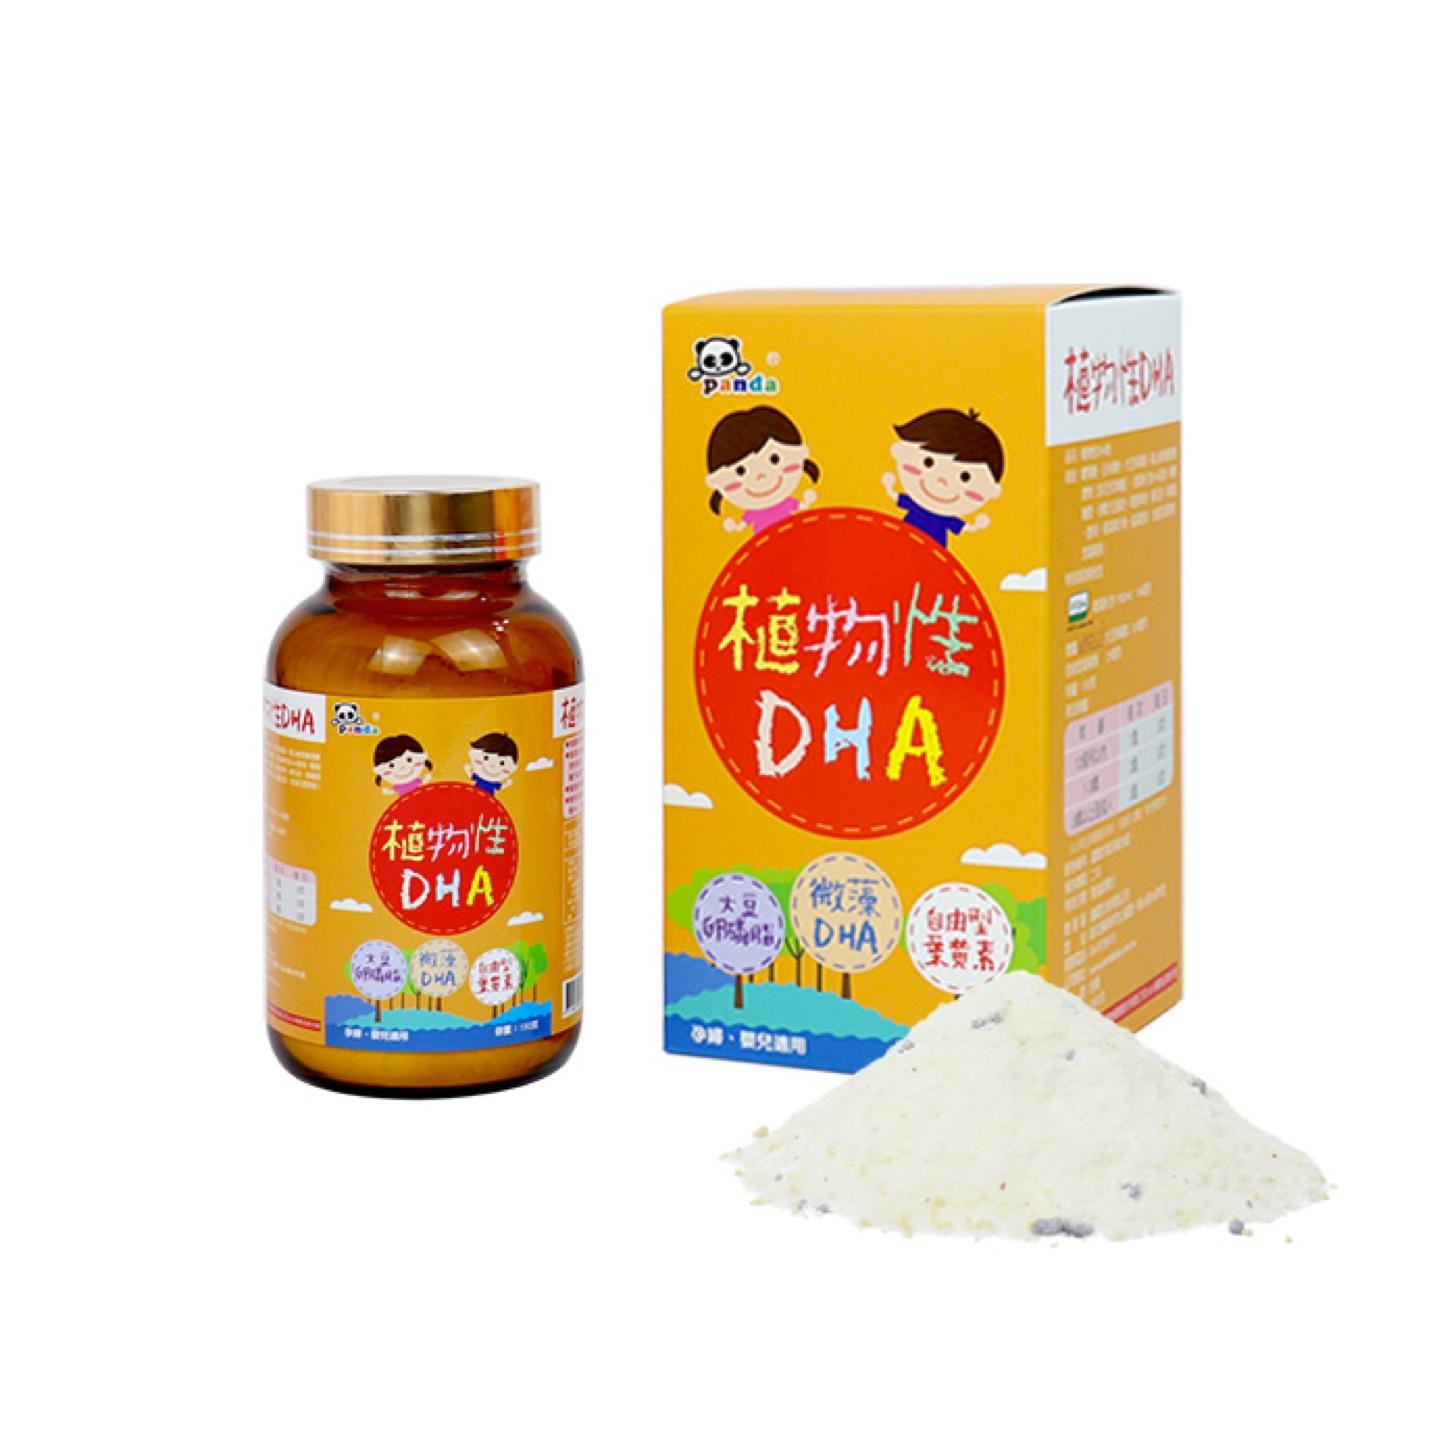 植物性DHA粉 -